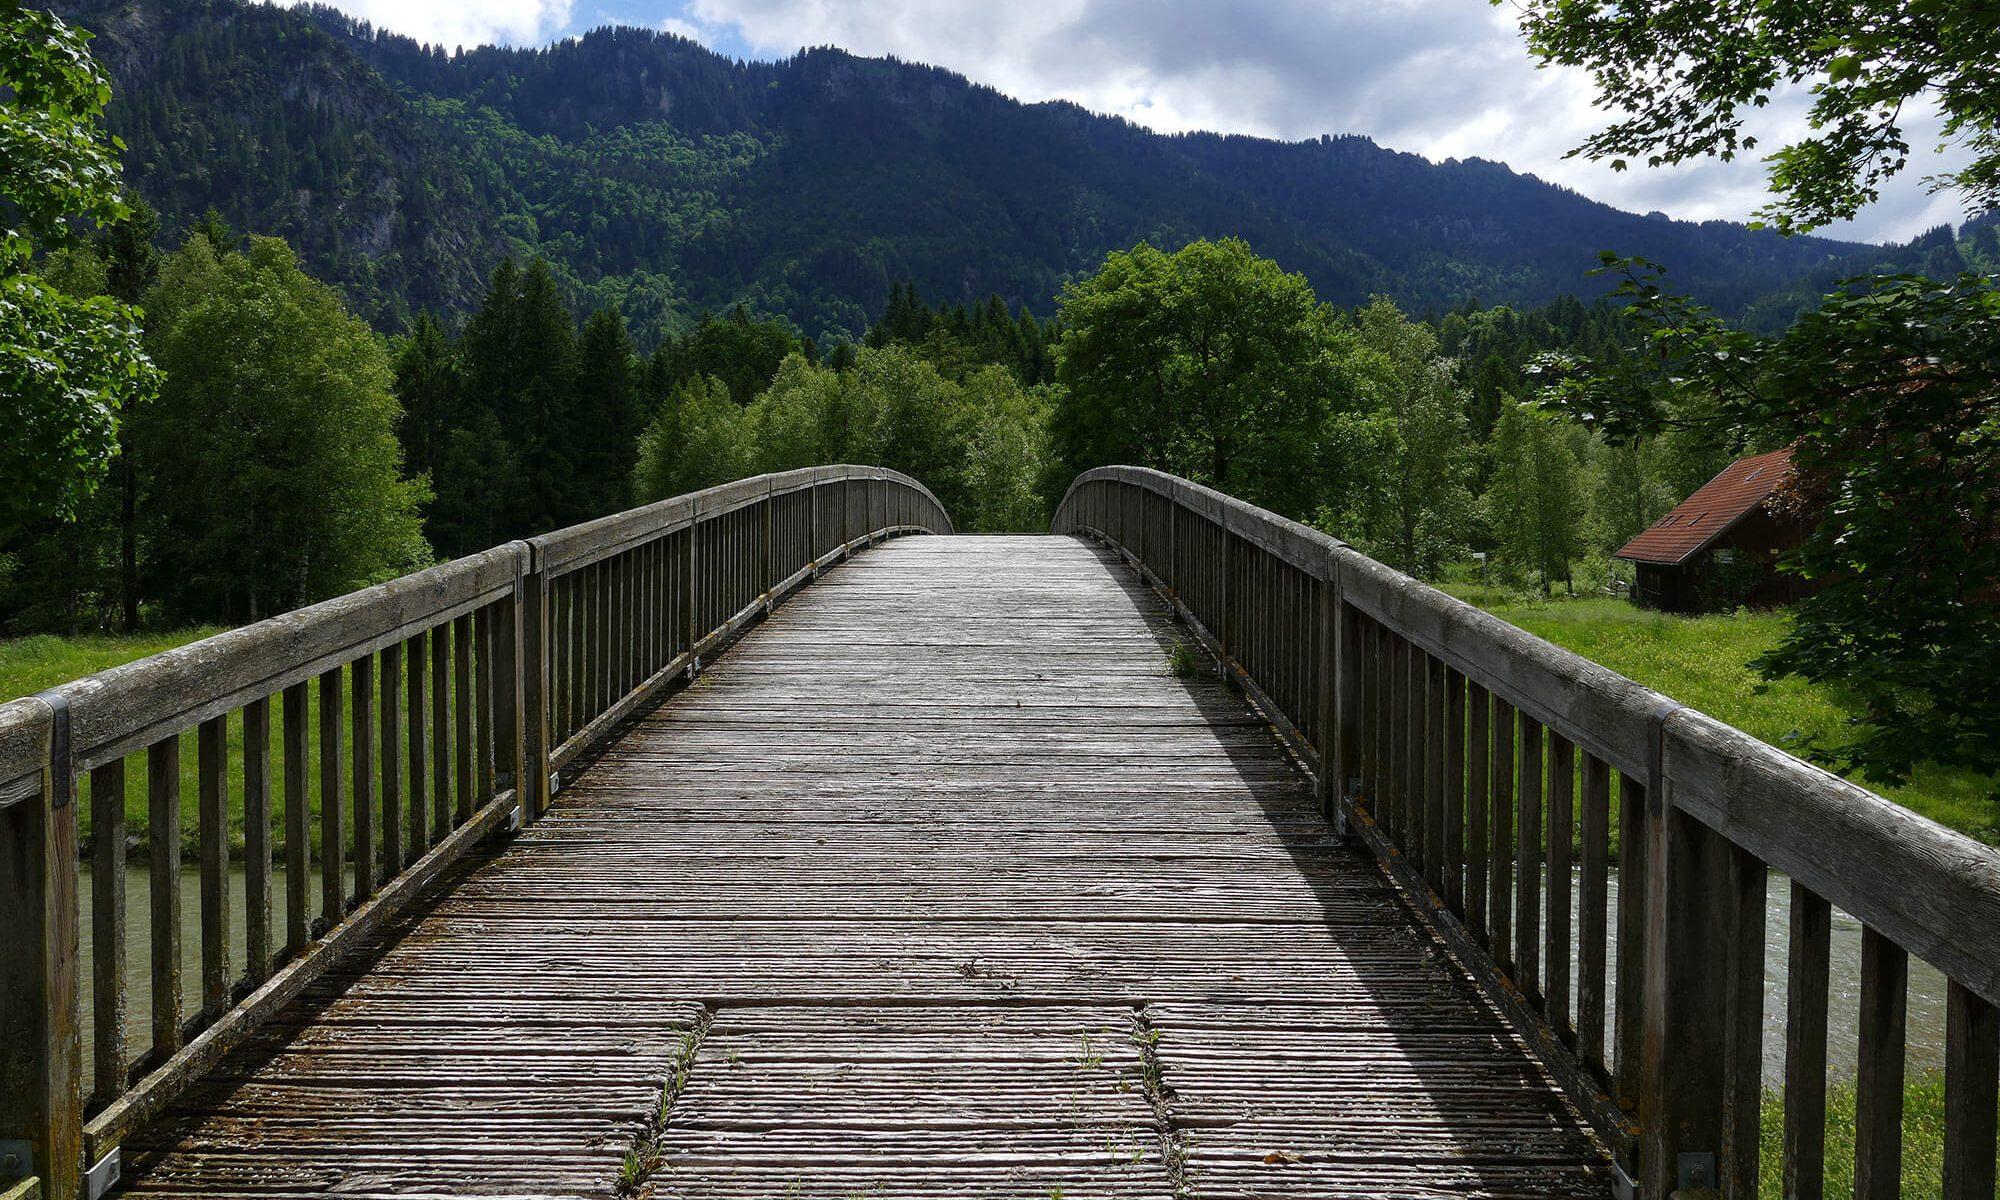 A bridge going over a creek into a meadow.